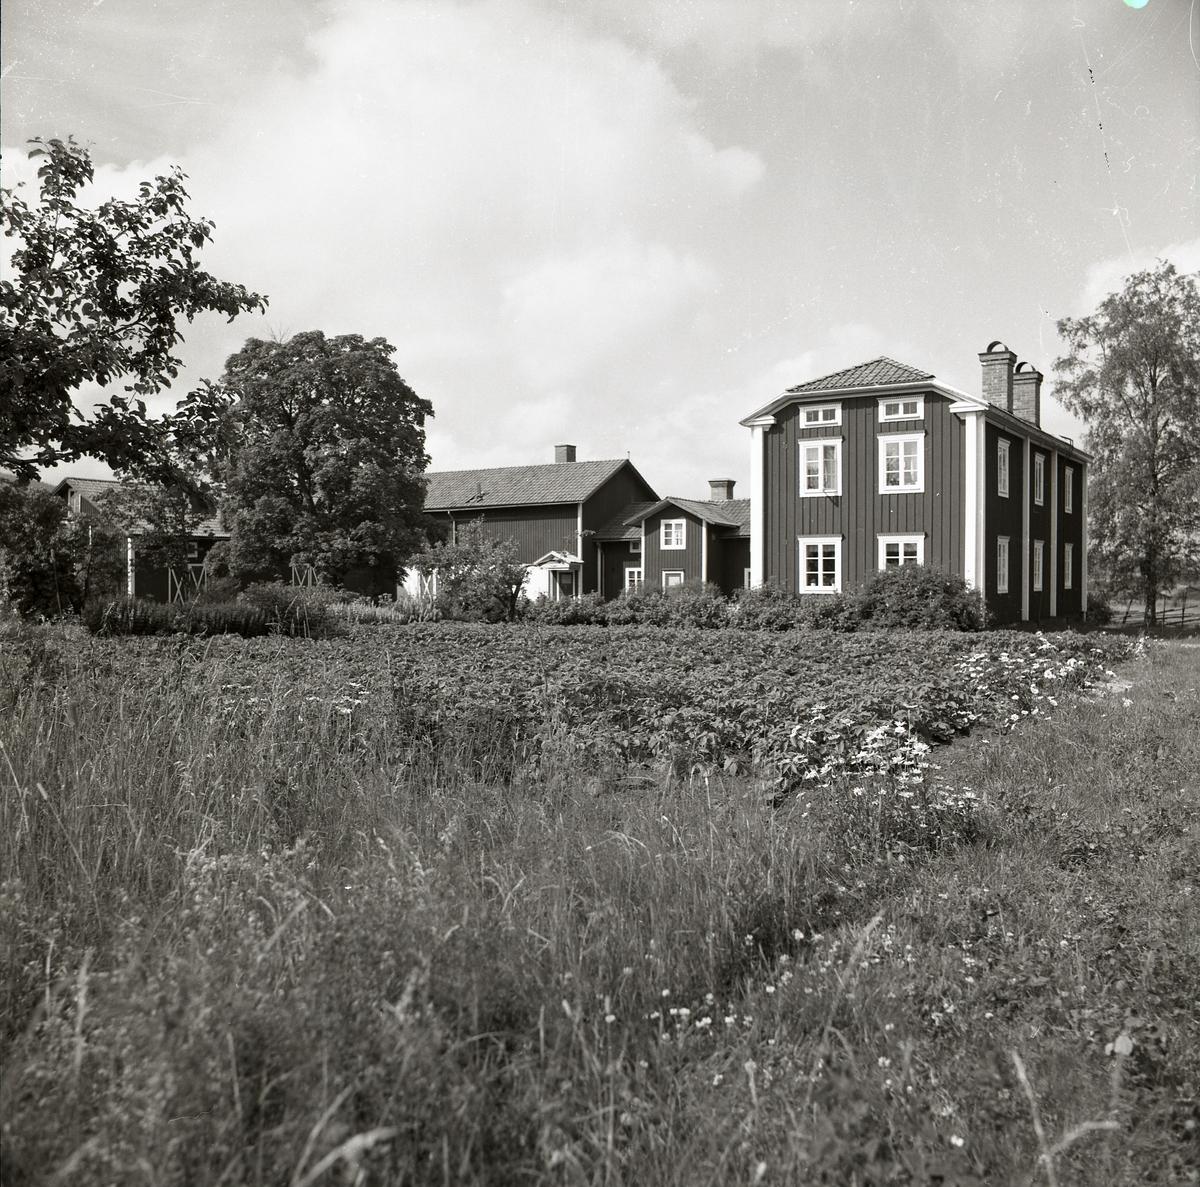 En vy över gården Sunnanåker har Hilding Mickelsson fotograferat i juli 1979. Åkermark med potatisodling, bostadshuset, uthusbyggnaderna och trädgården summerar upp gårdens huvuddrag.